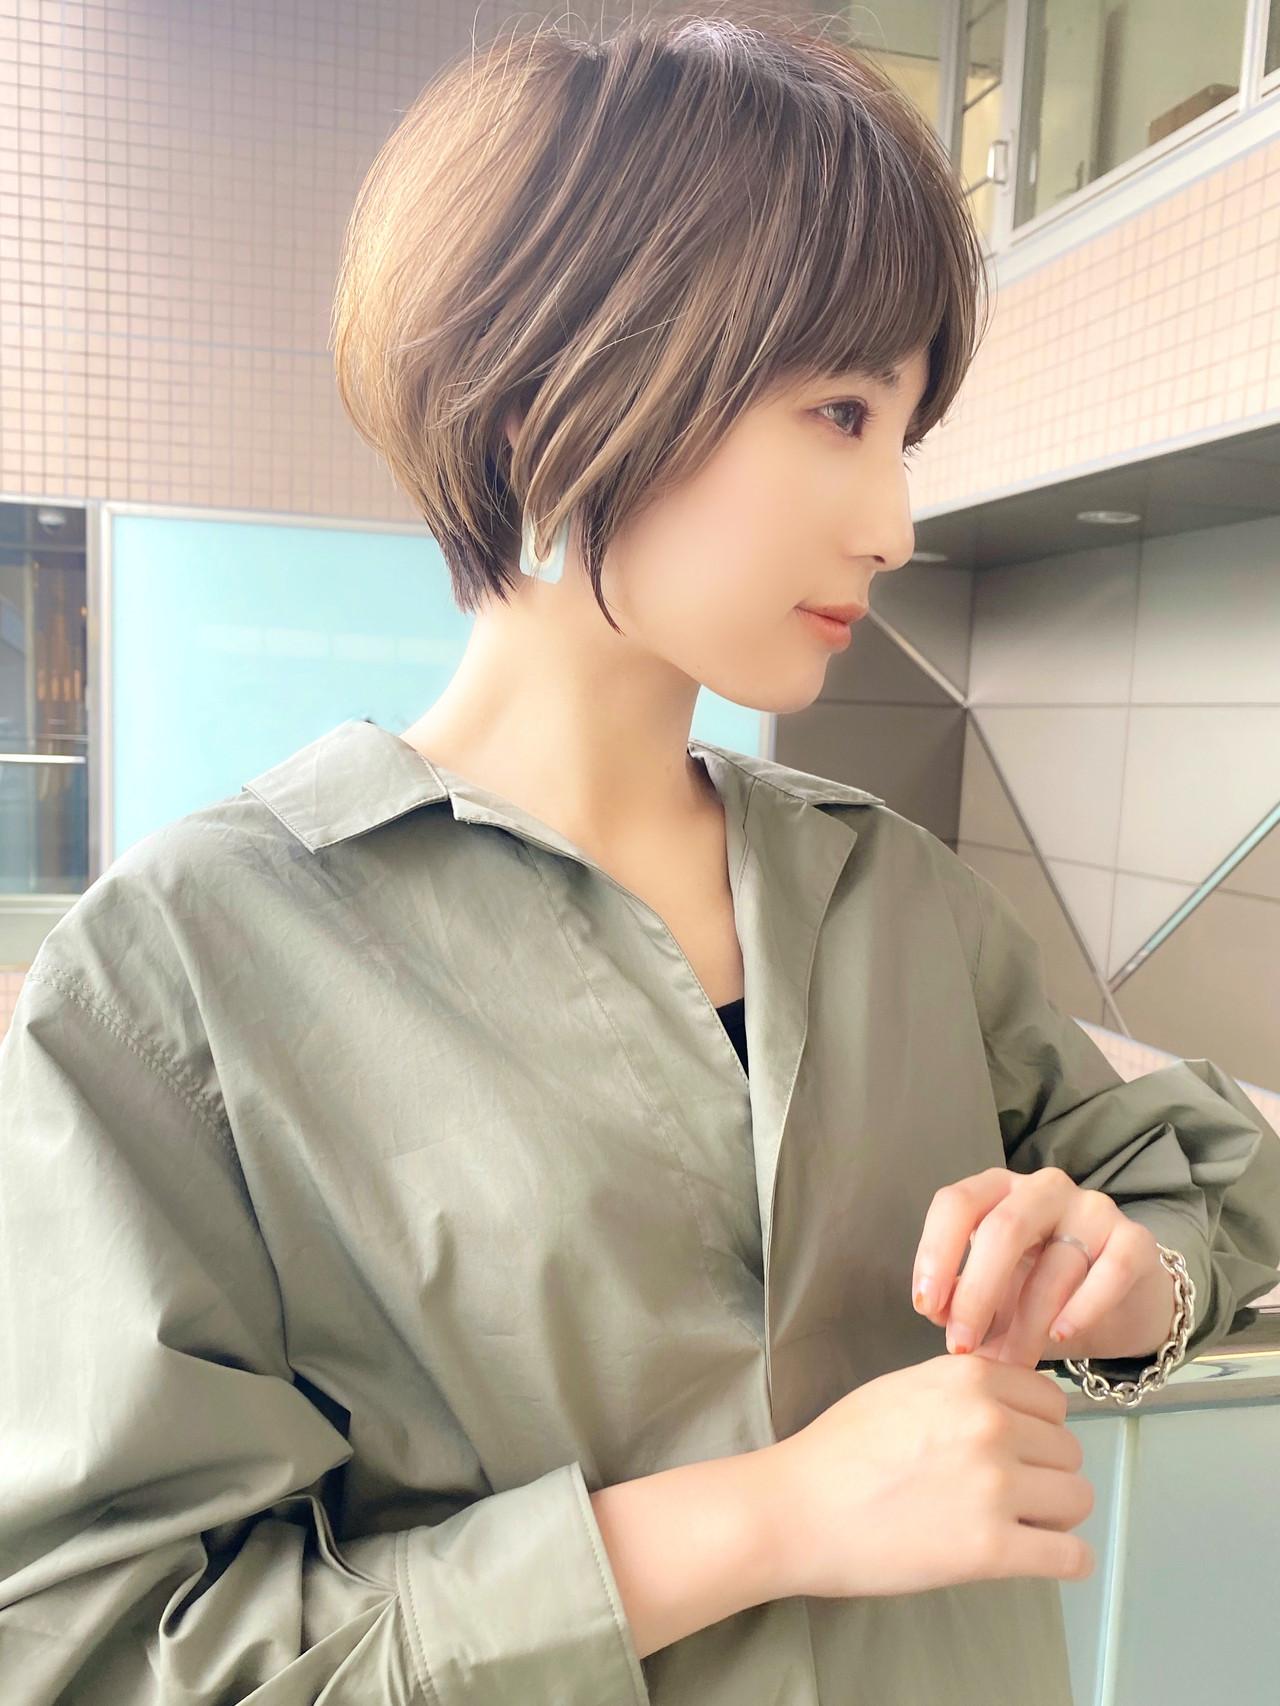 ショートヘア ひし形シルエット マッシュショート ハイライトヘアスタイルや髪型の写真・画像